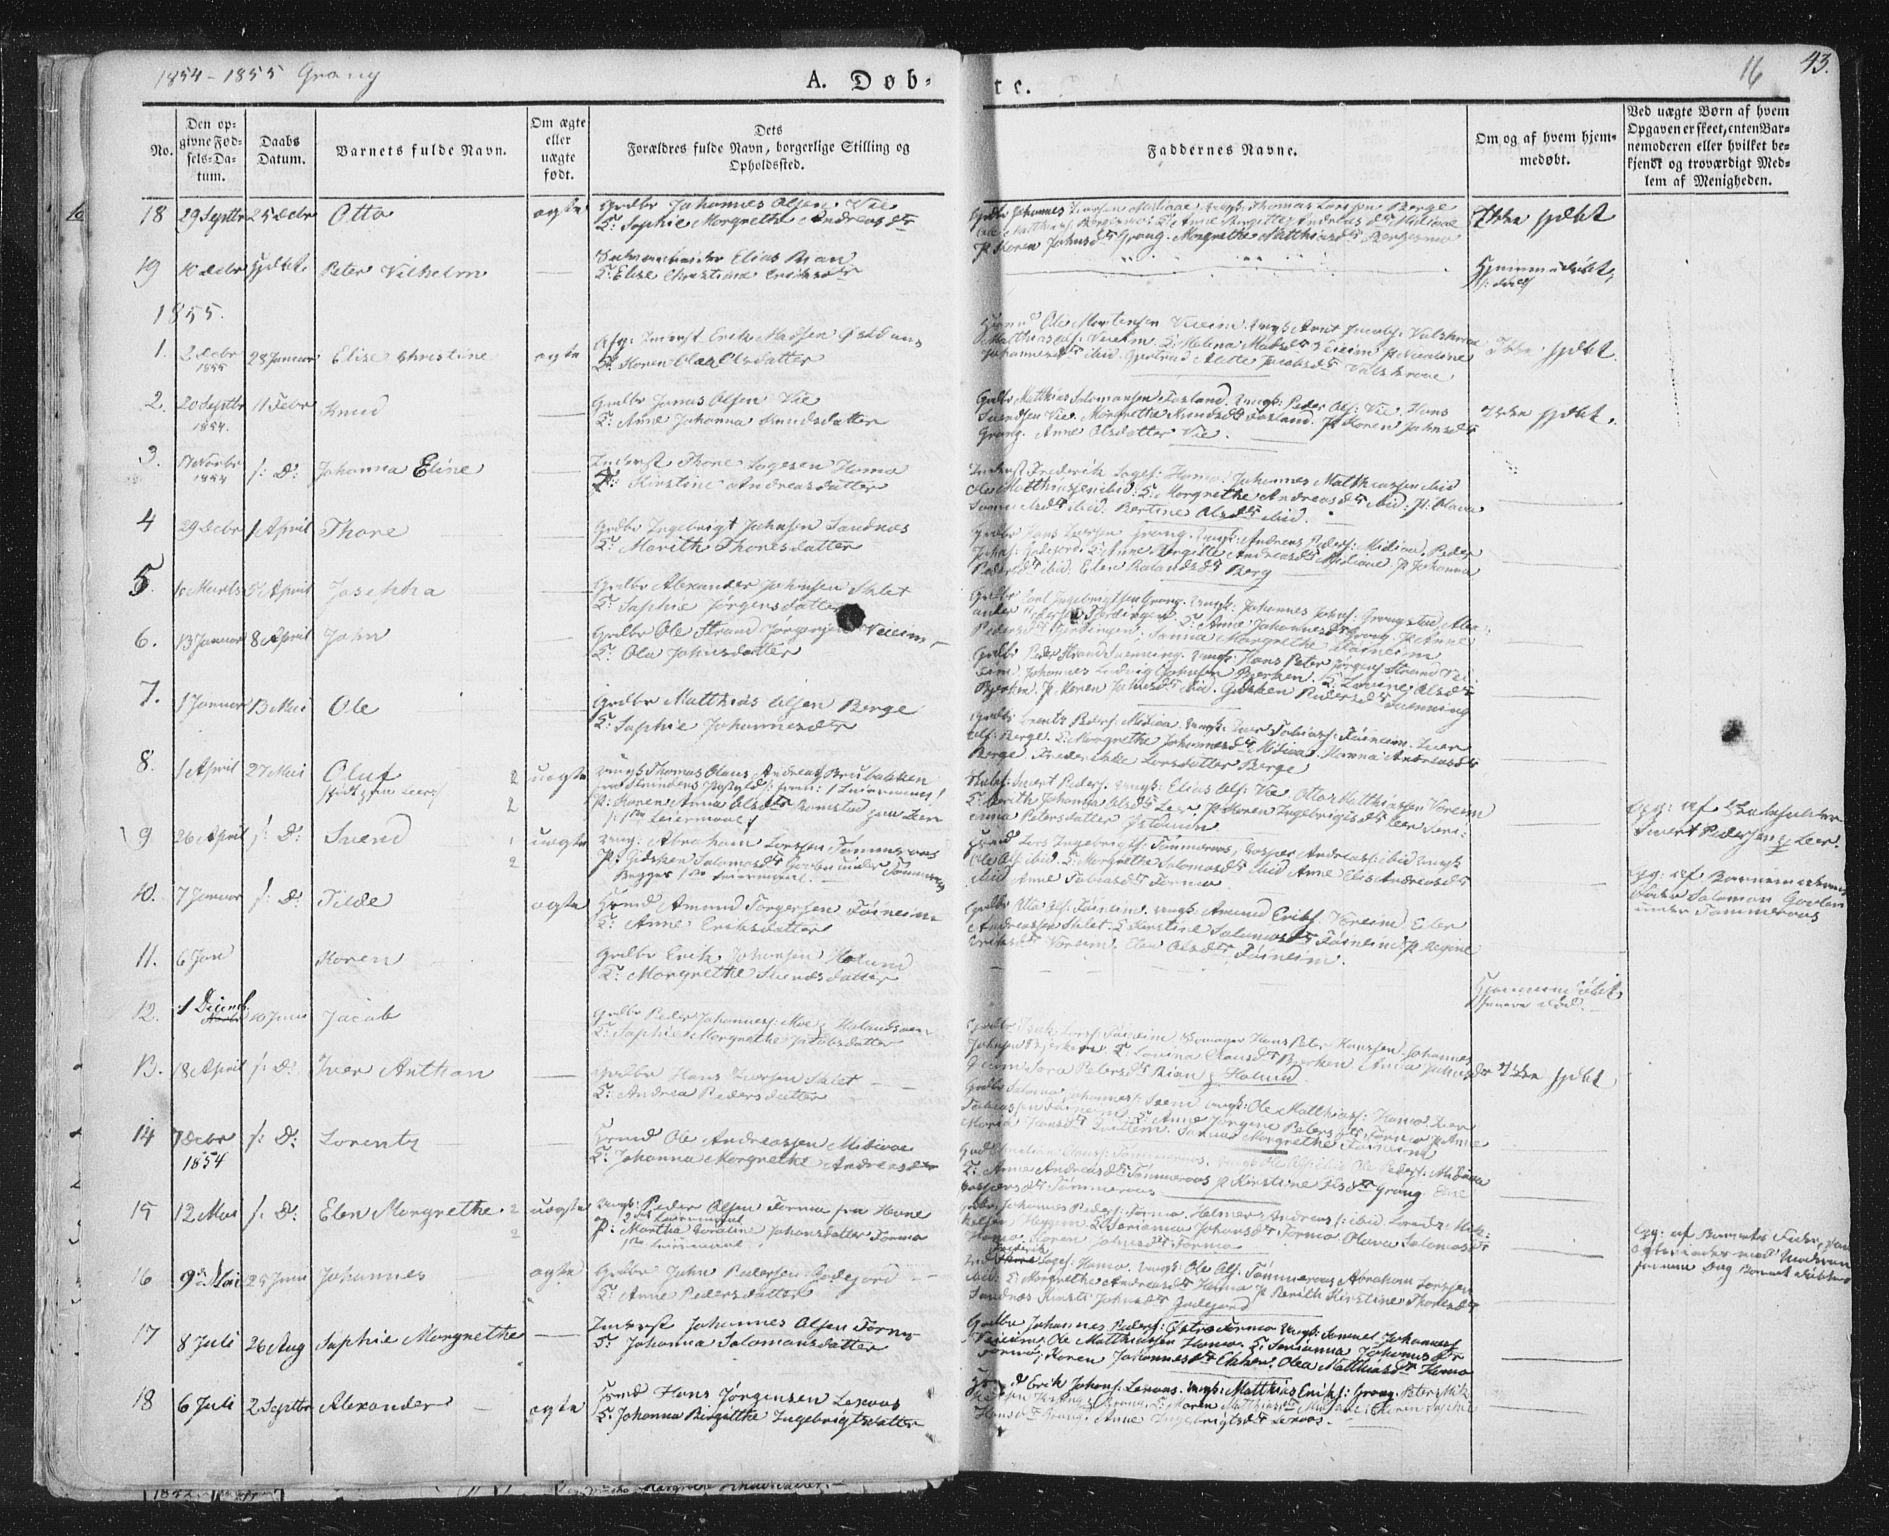 SAT, Ministerialprotokoller, klokkerbøker og fødselsregistre - Nord-Trøndelag, 758/L0513: Ministerialbok nr. 758A02 /1, 1839-1868, s. 16